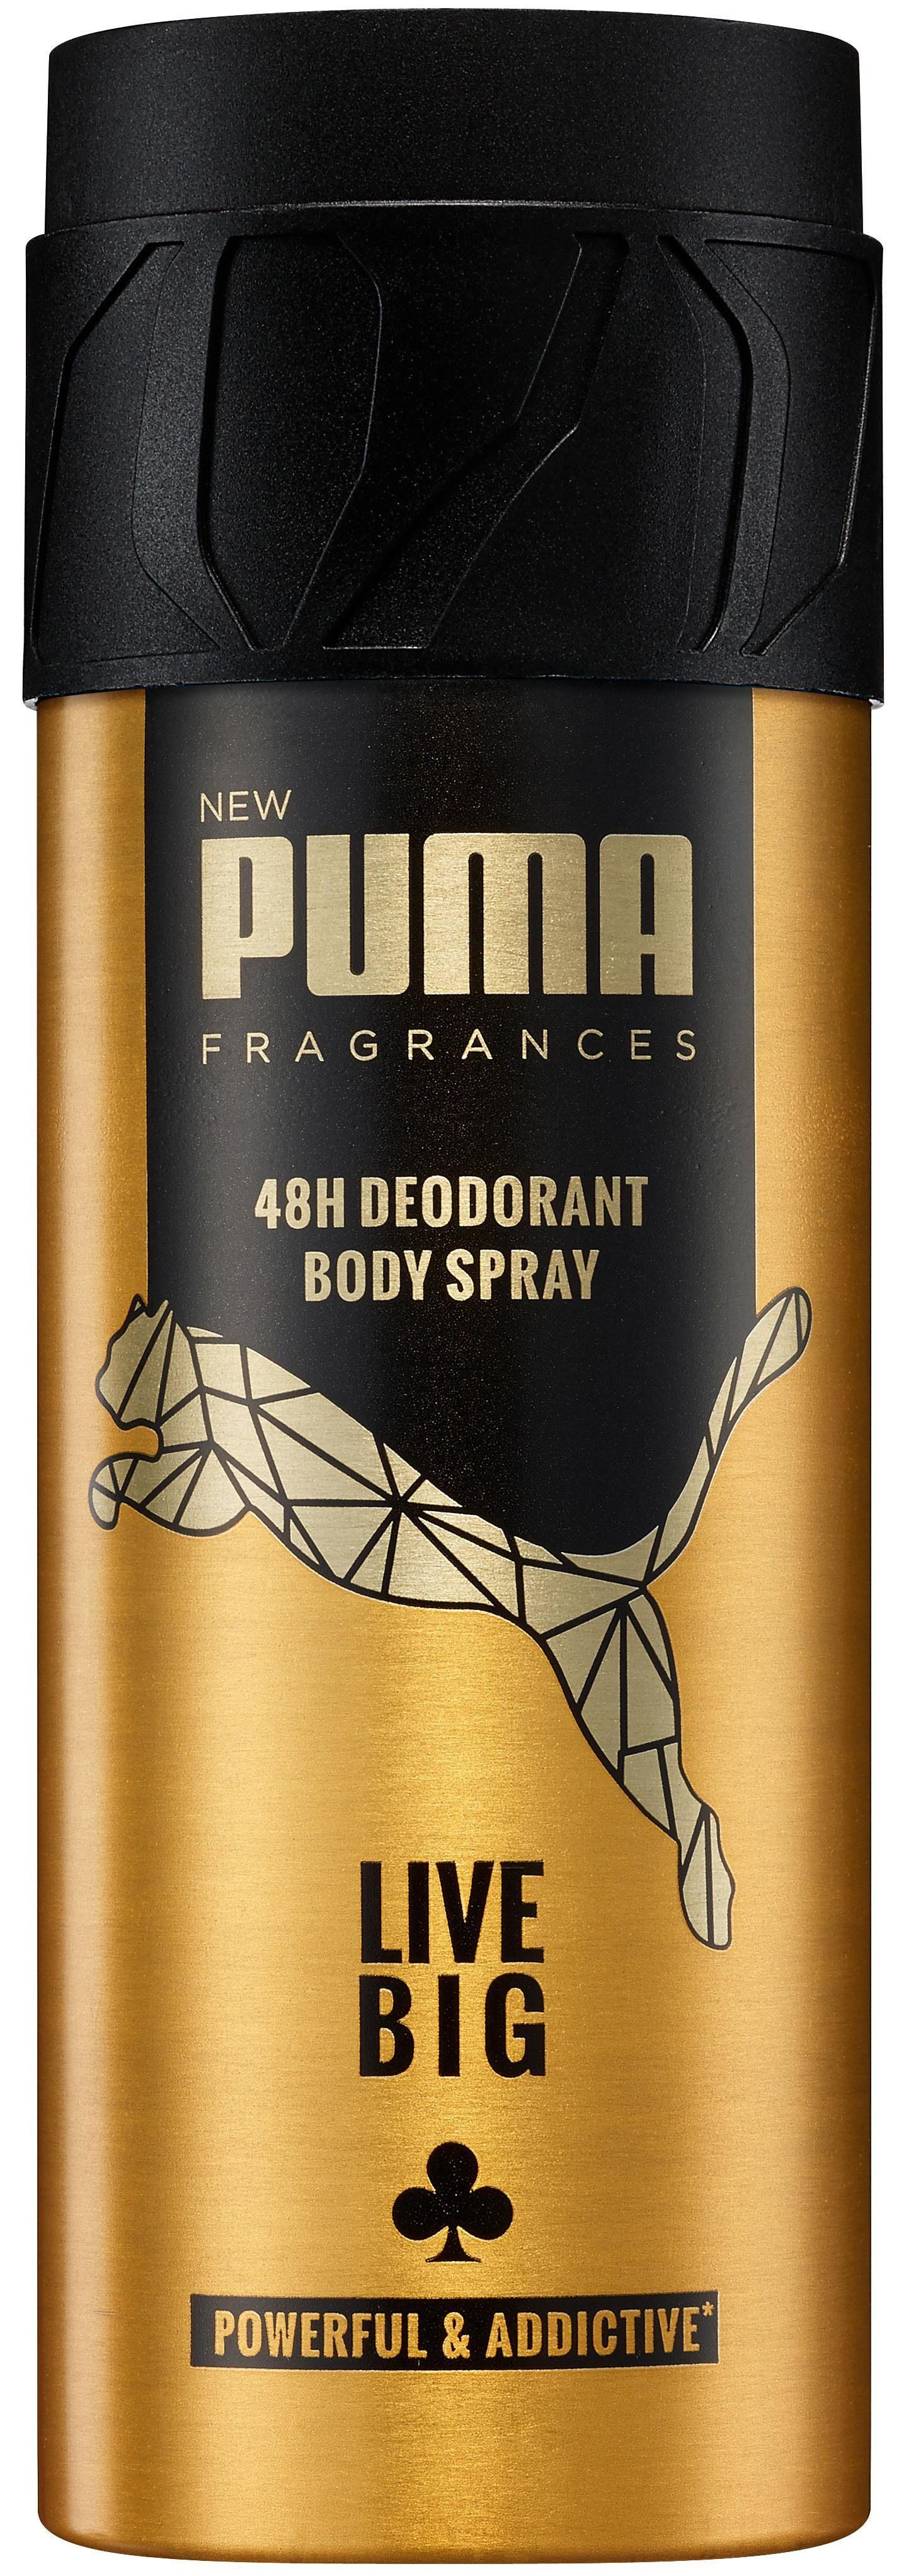 Puma, »Deo Live Big«, Bodyspray